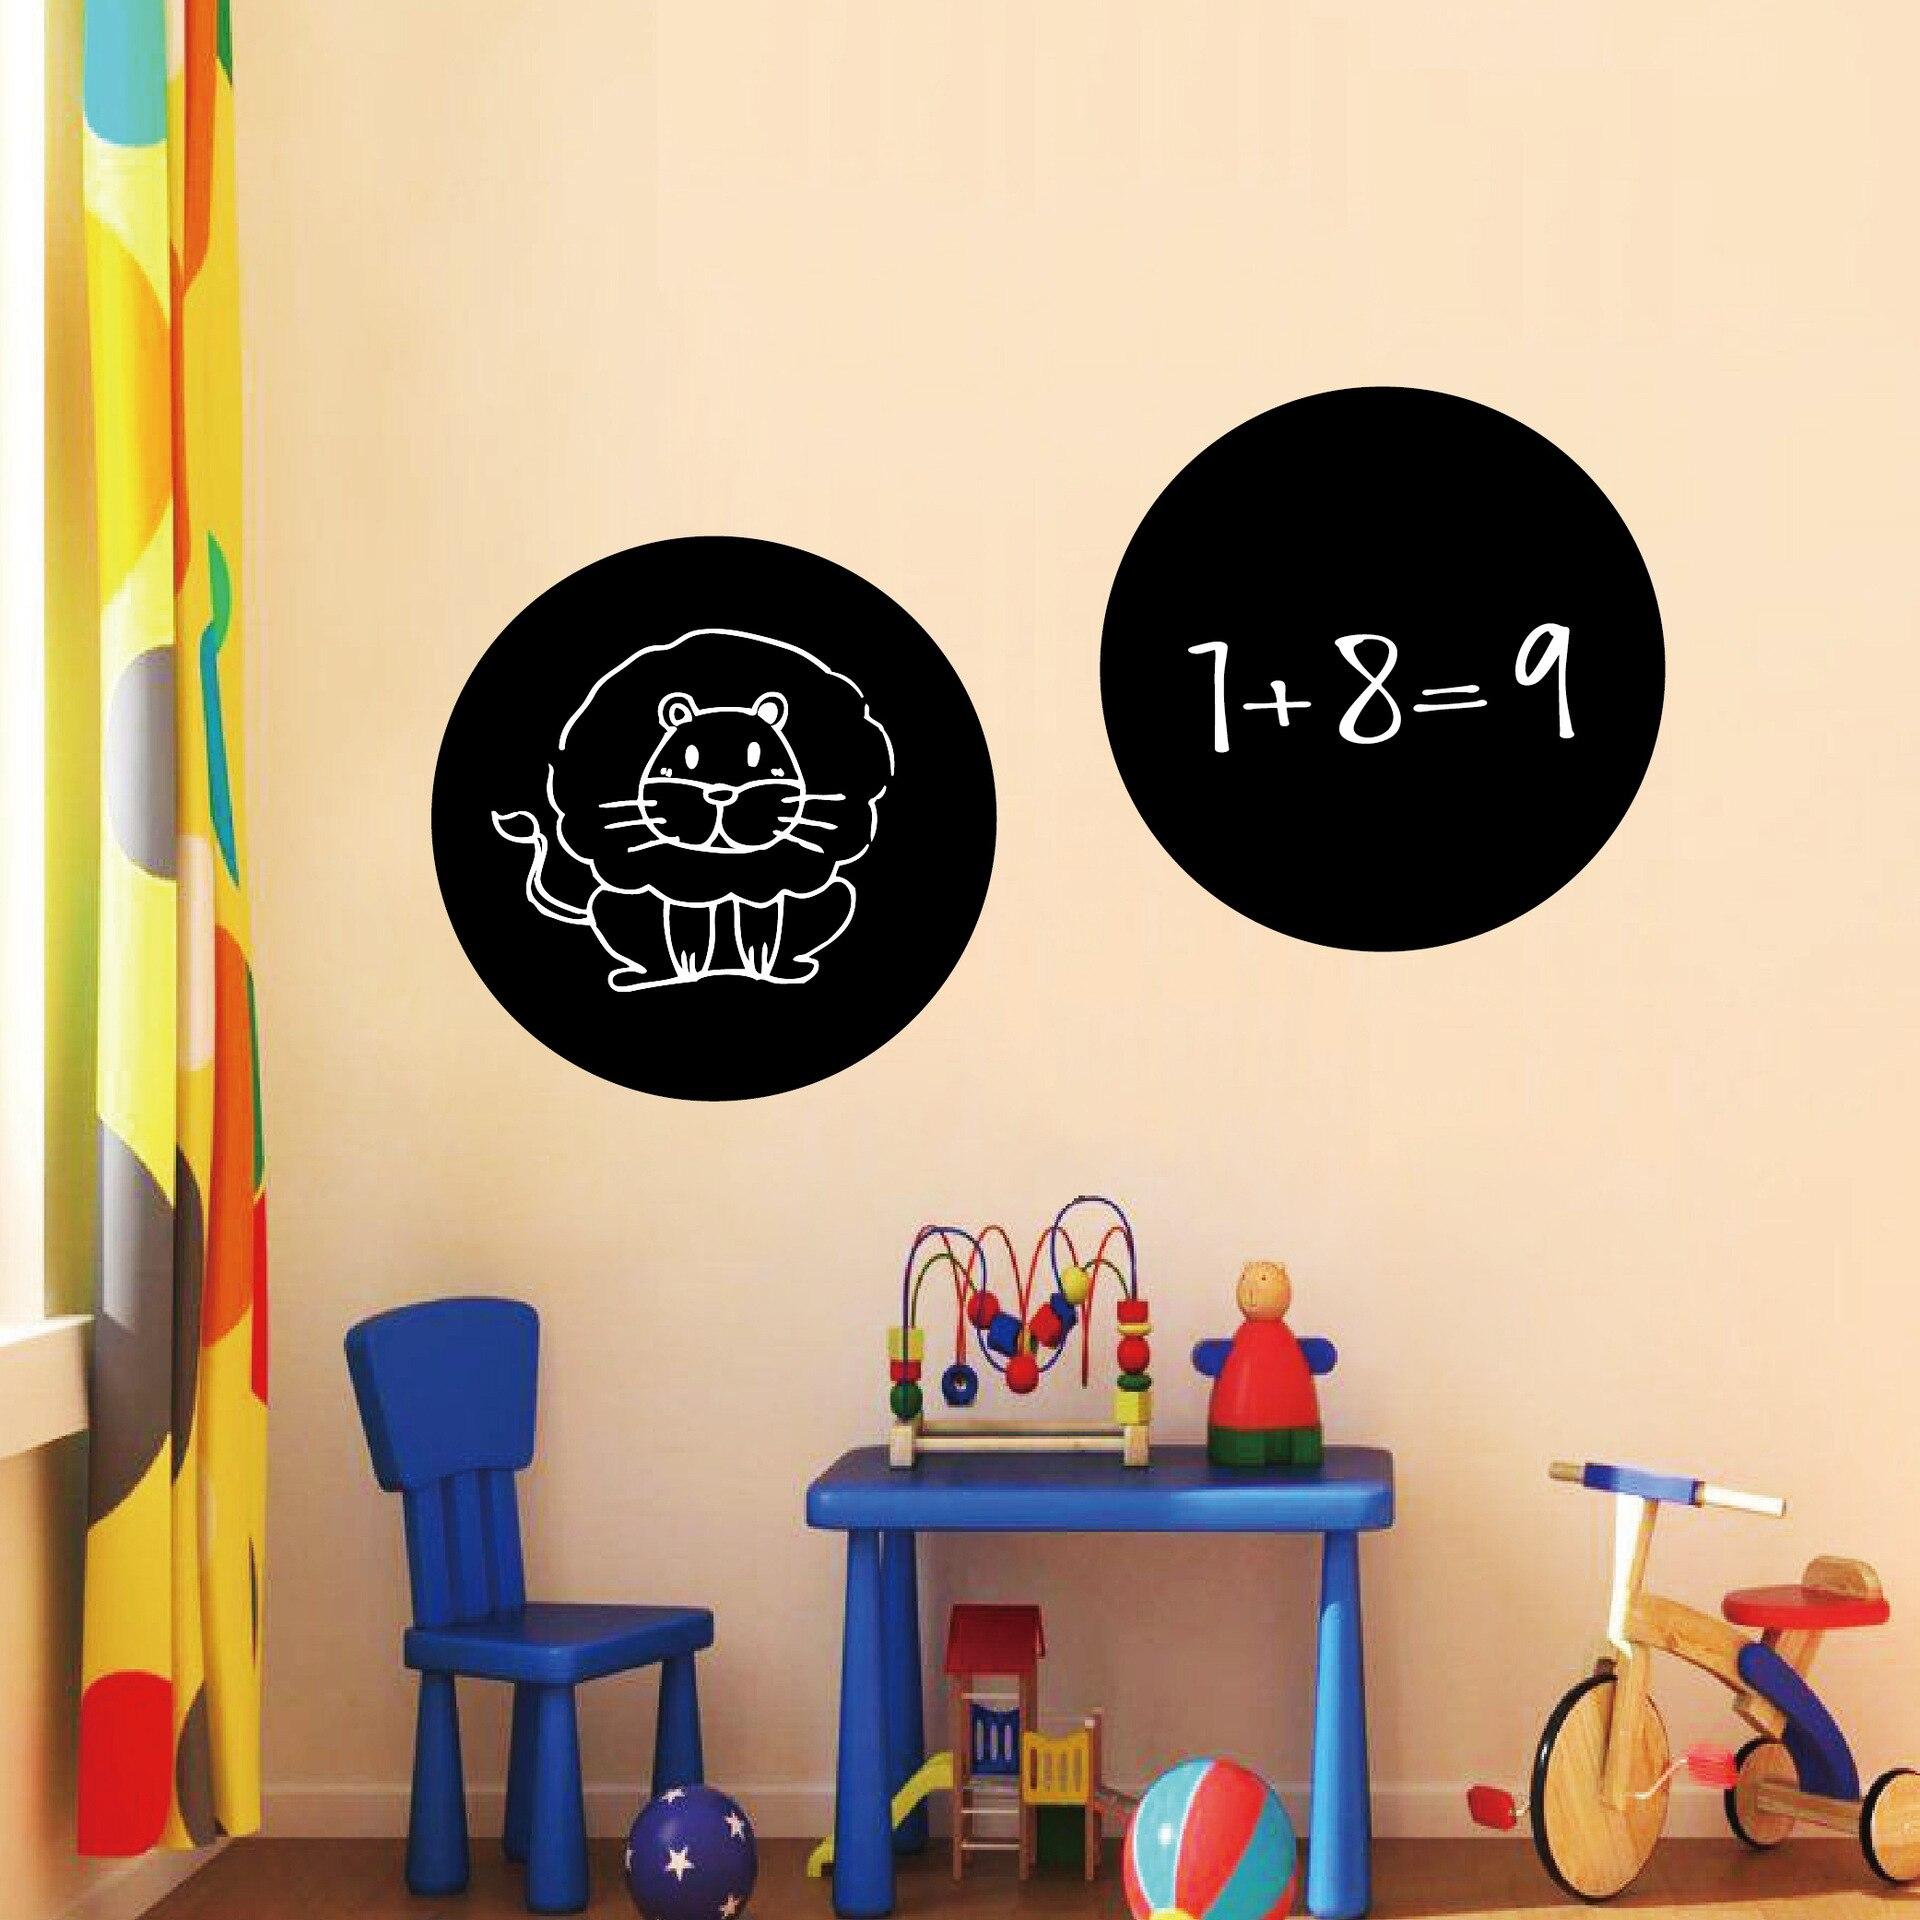 Настенная Наклейка для классной доски, водонепроницаемая самоклеящаяся круглая доска для сообщений, детская картина, обучающая доска, накл...